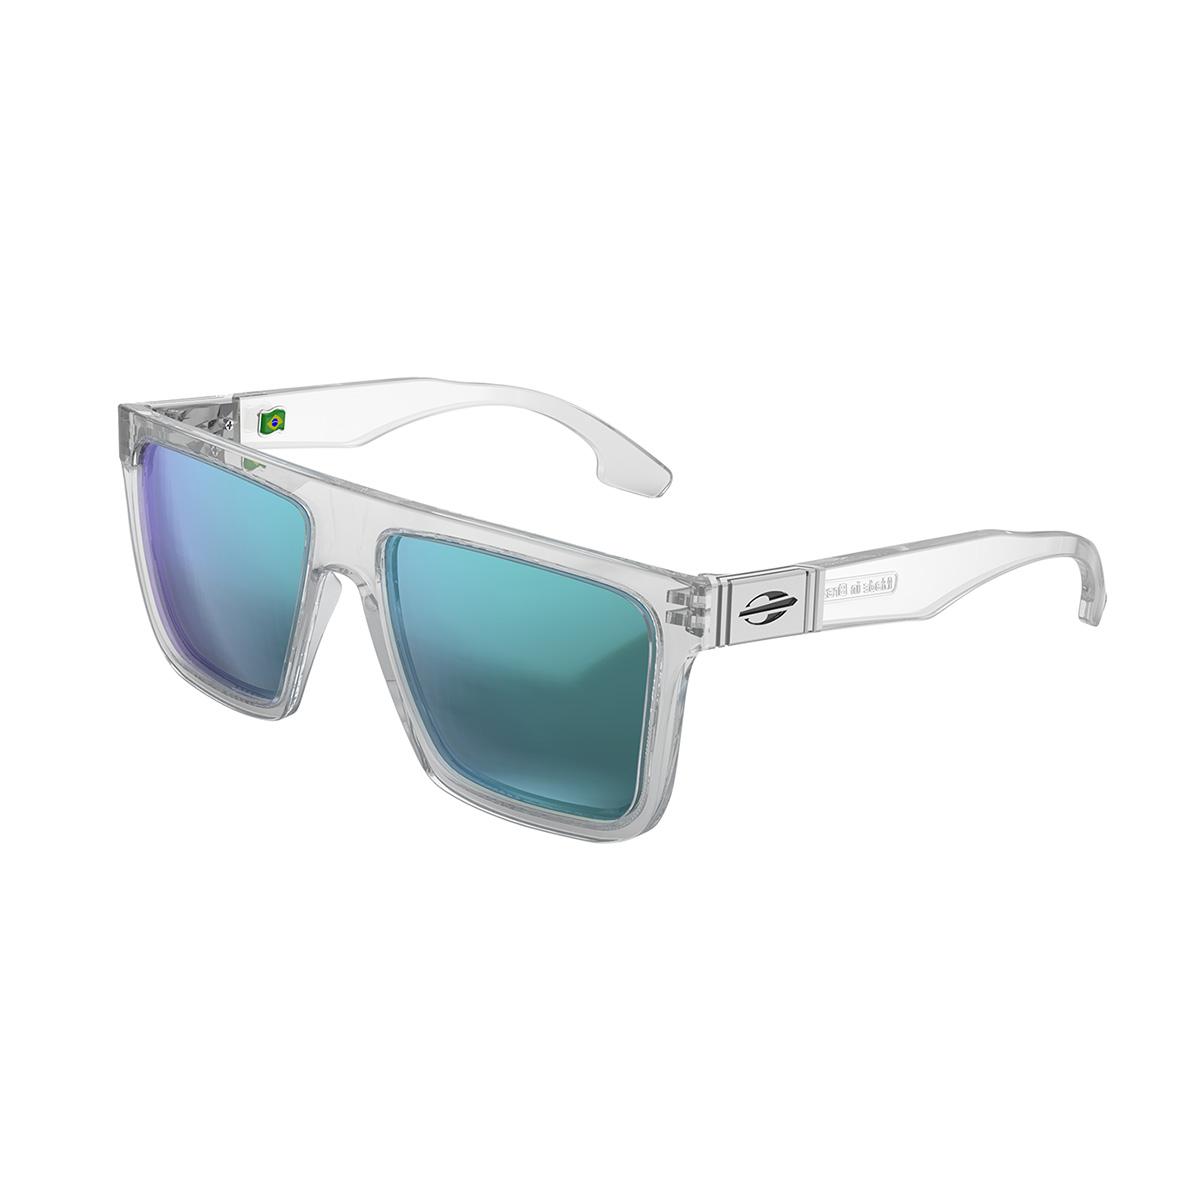 Óculos de Sol Mormaii San Francisco M0031D5497MormaiiMormaii de ... 91327a1d02